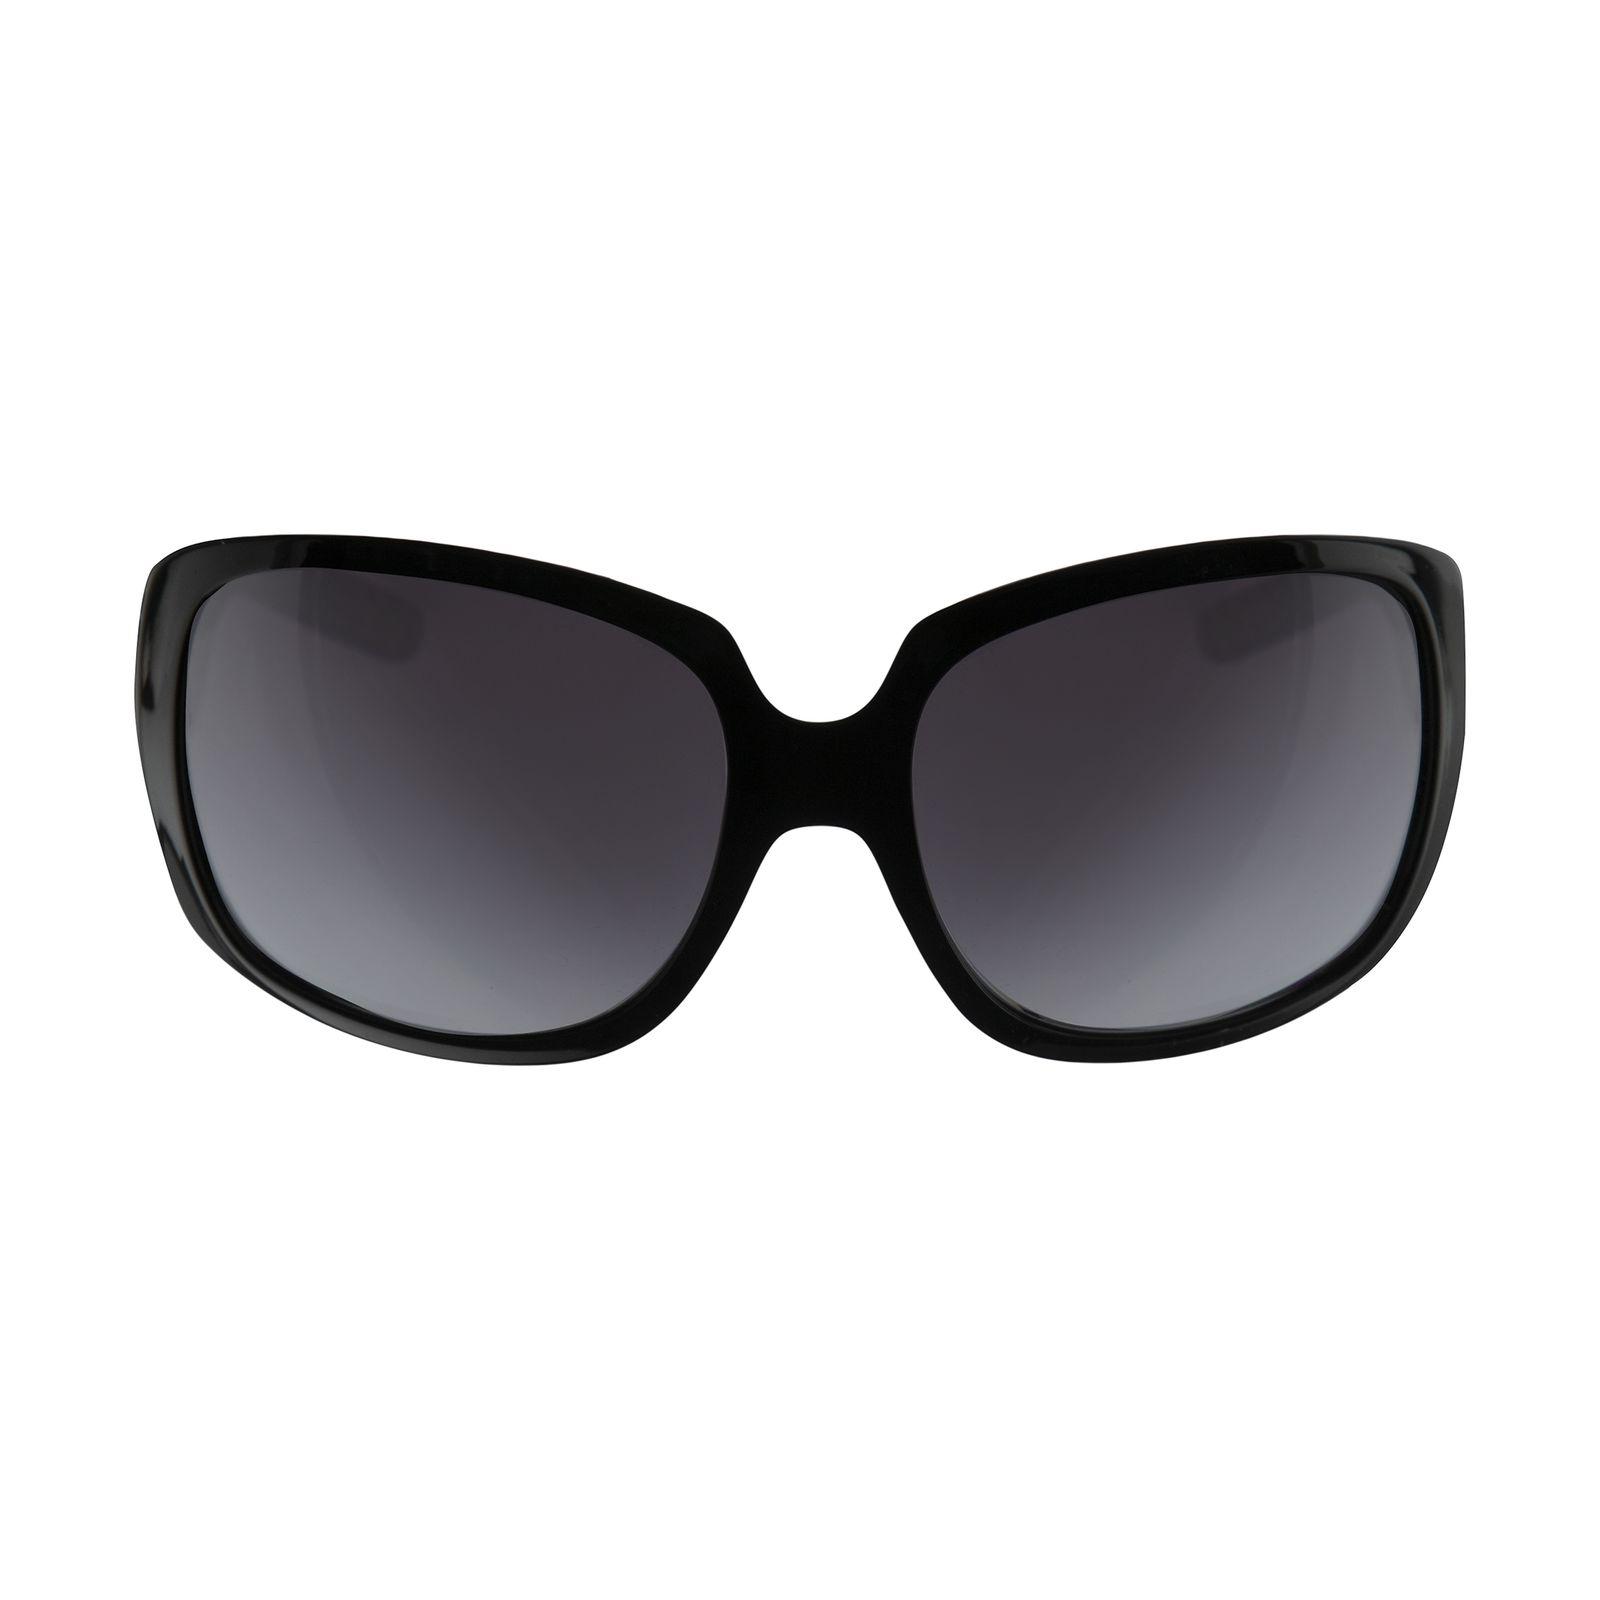 عینک آفتابی زنانه بربری مدل BE 4070S 300111 61 -  - 2